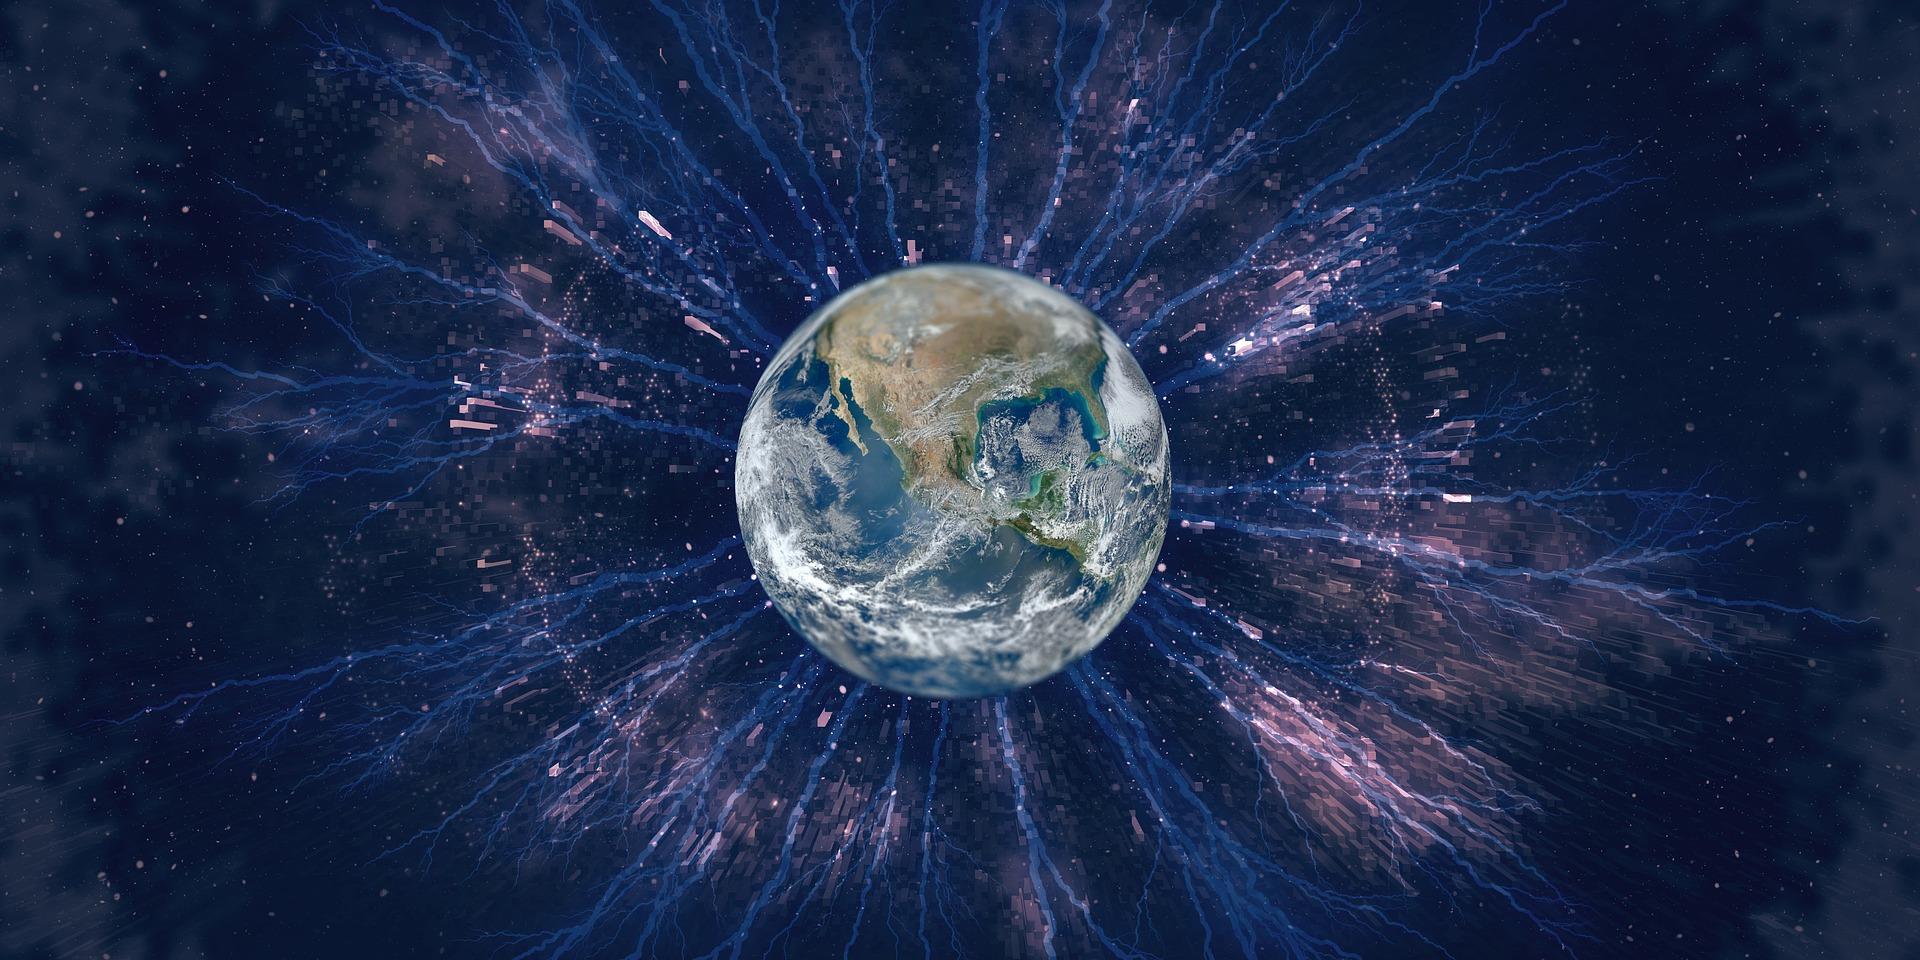 Emergindo o Planeta de Amor, com reconciliação.